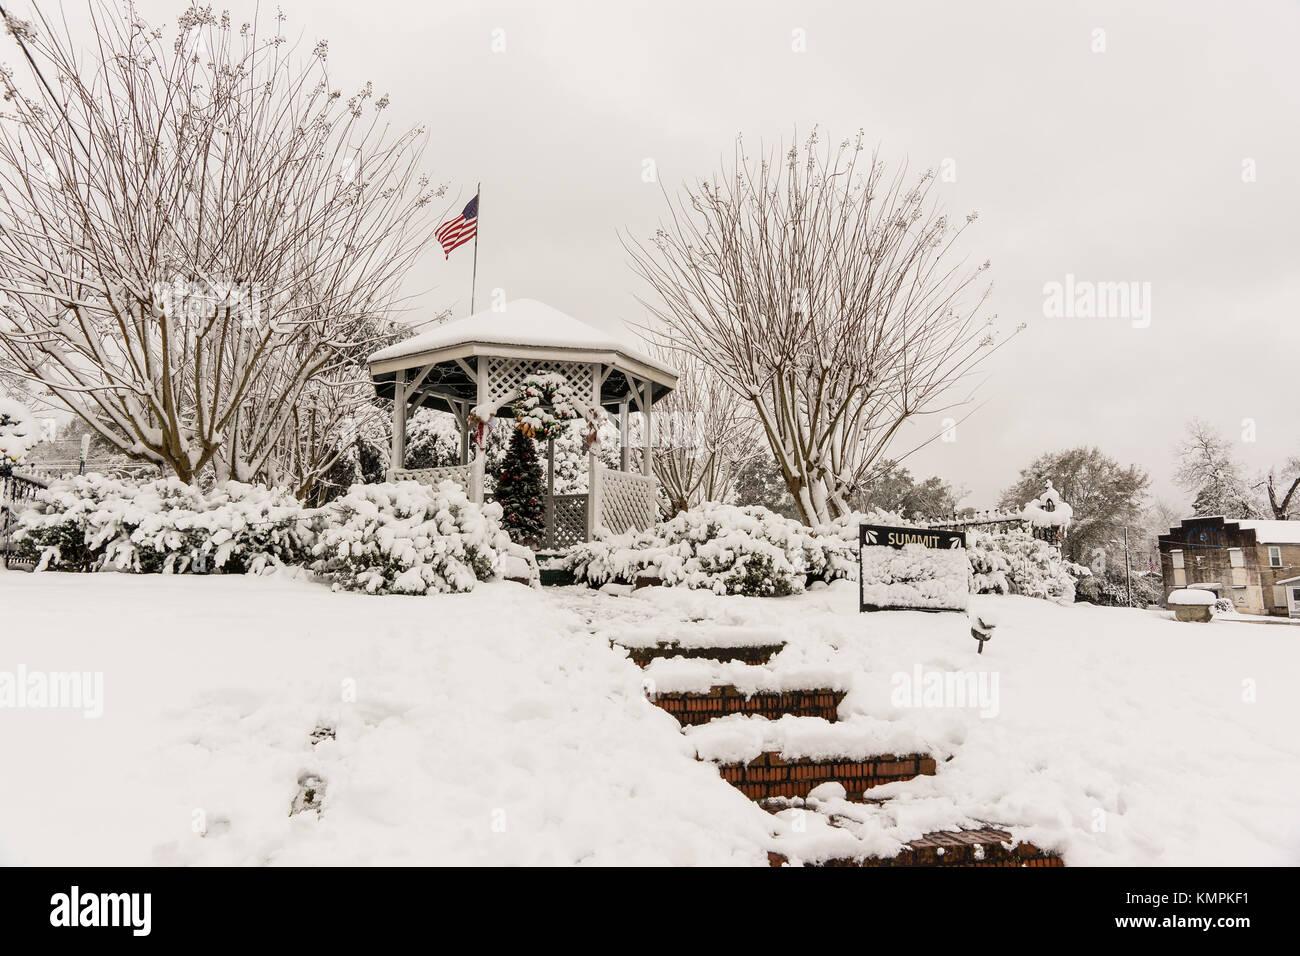 Gipfel, USA. 8. Dezember 2017. Schnee in der Innenstadt von Gipfel ansammelt, Mississippi am Freitag, 8. Dezember Stockbild